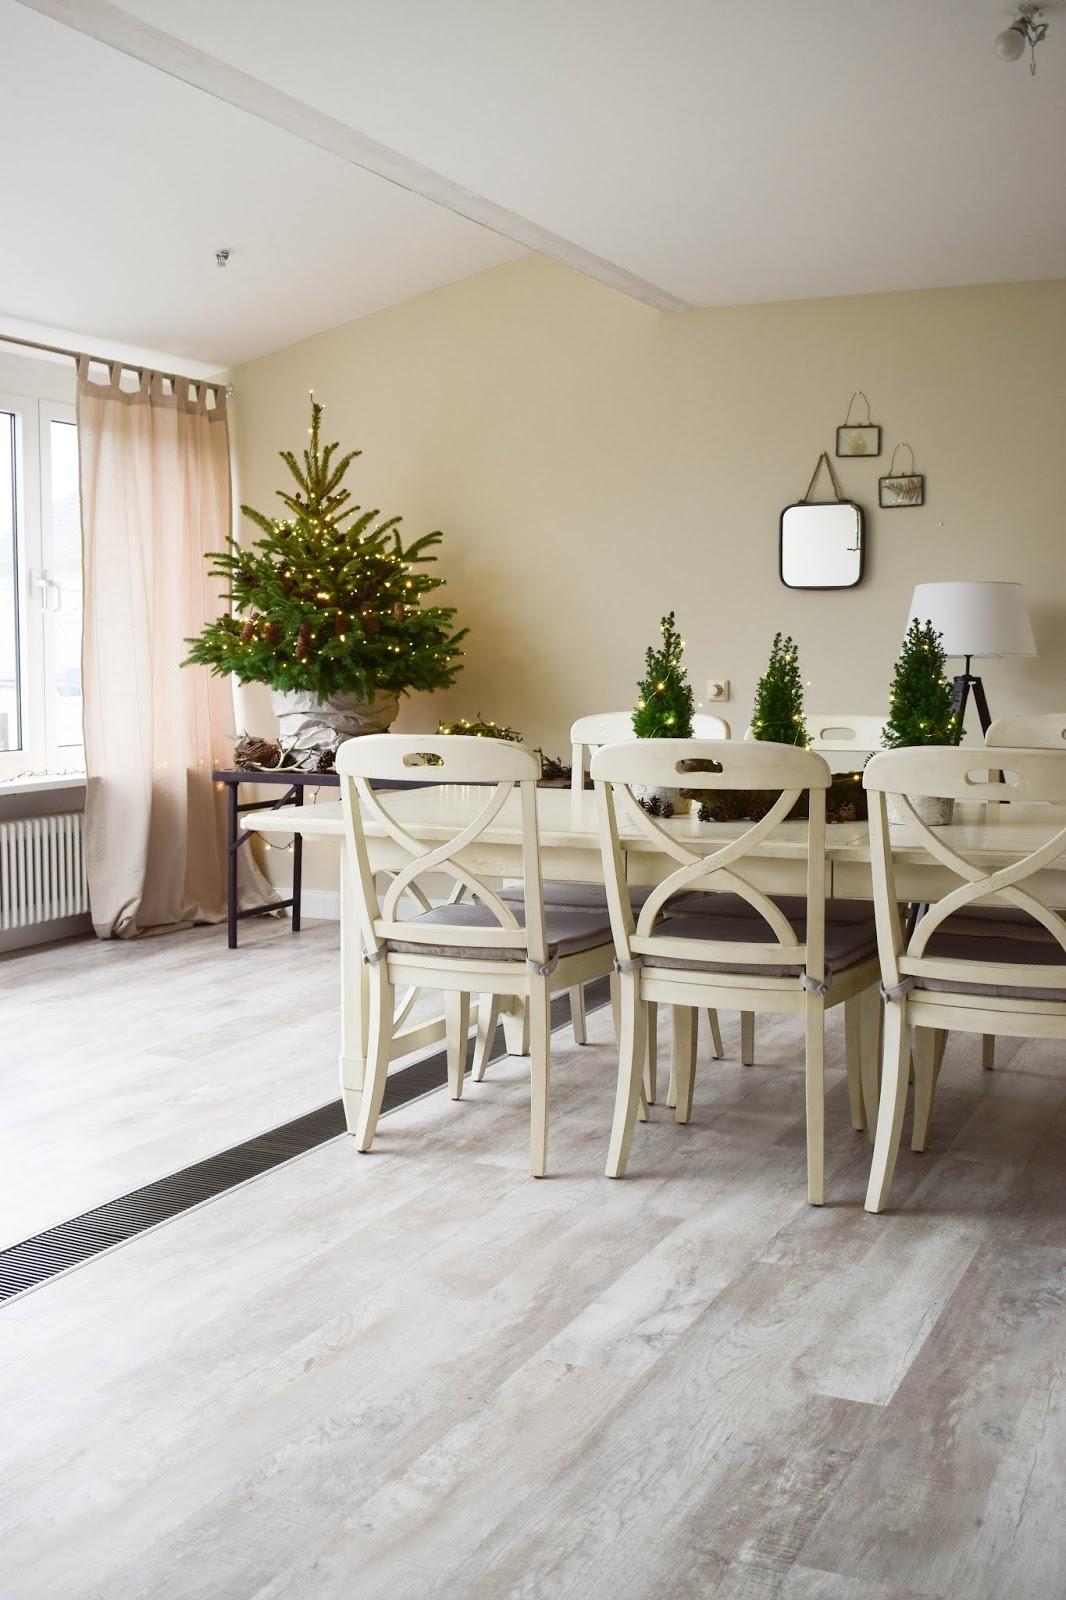 Weihnachtsbaum dekorieren Weihnachtsbaumschmuck basteln ganz natürlich aus Zapfen